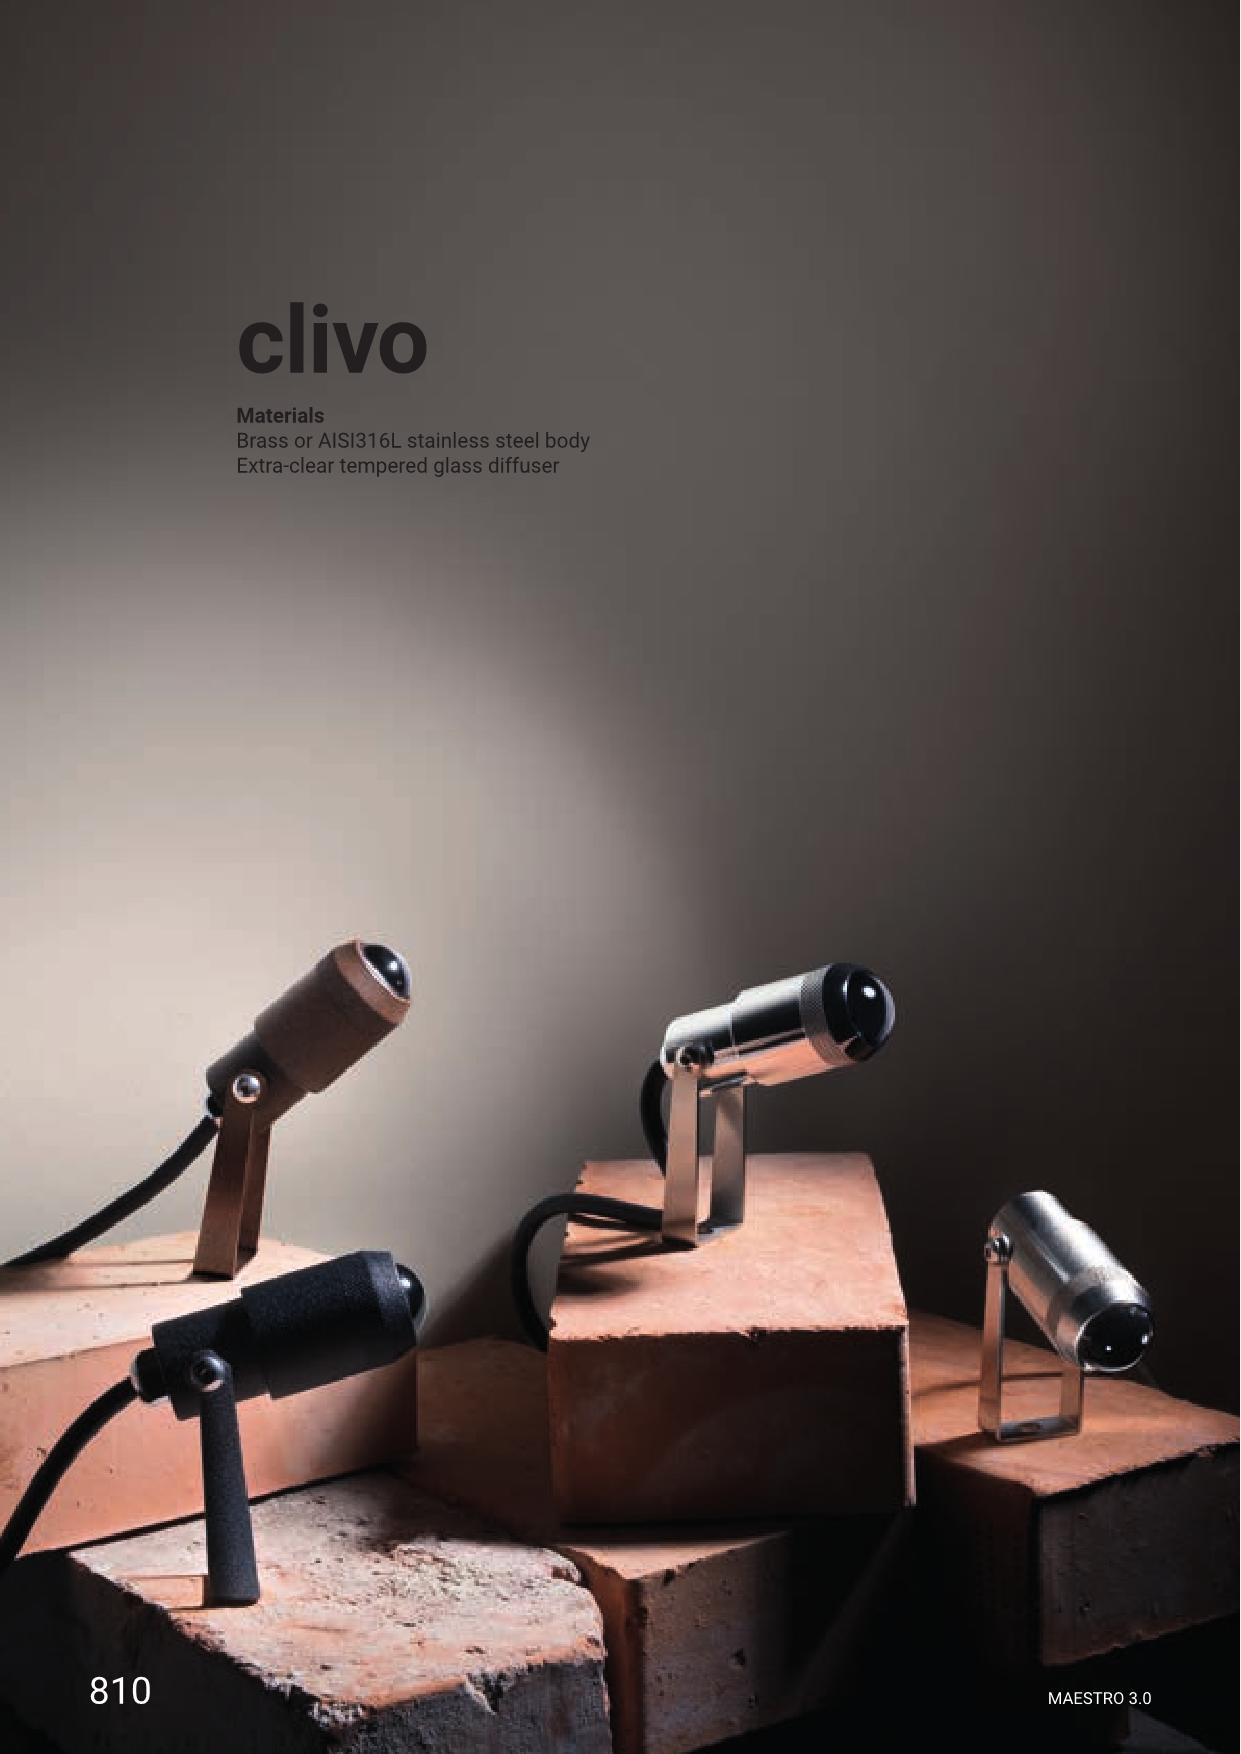 Linea Light – Clivio